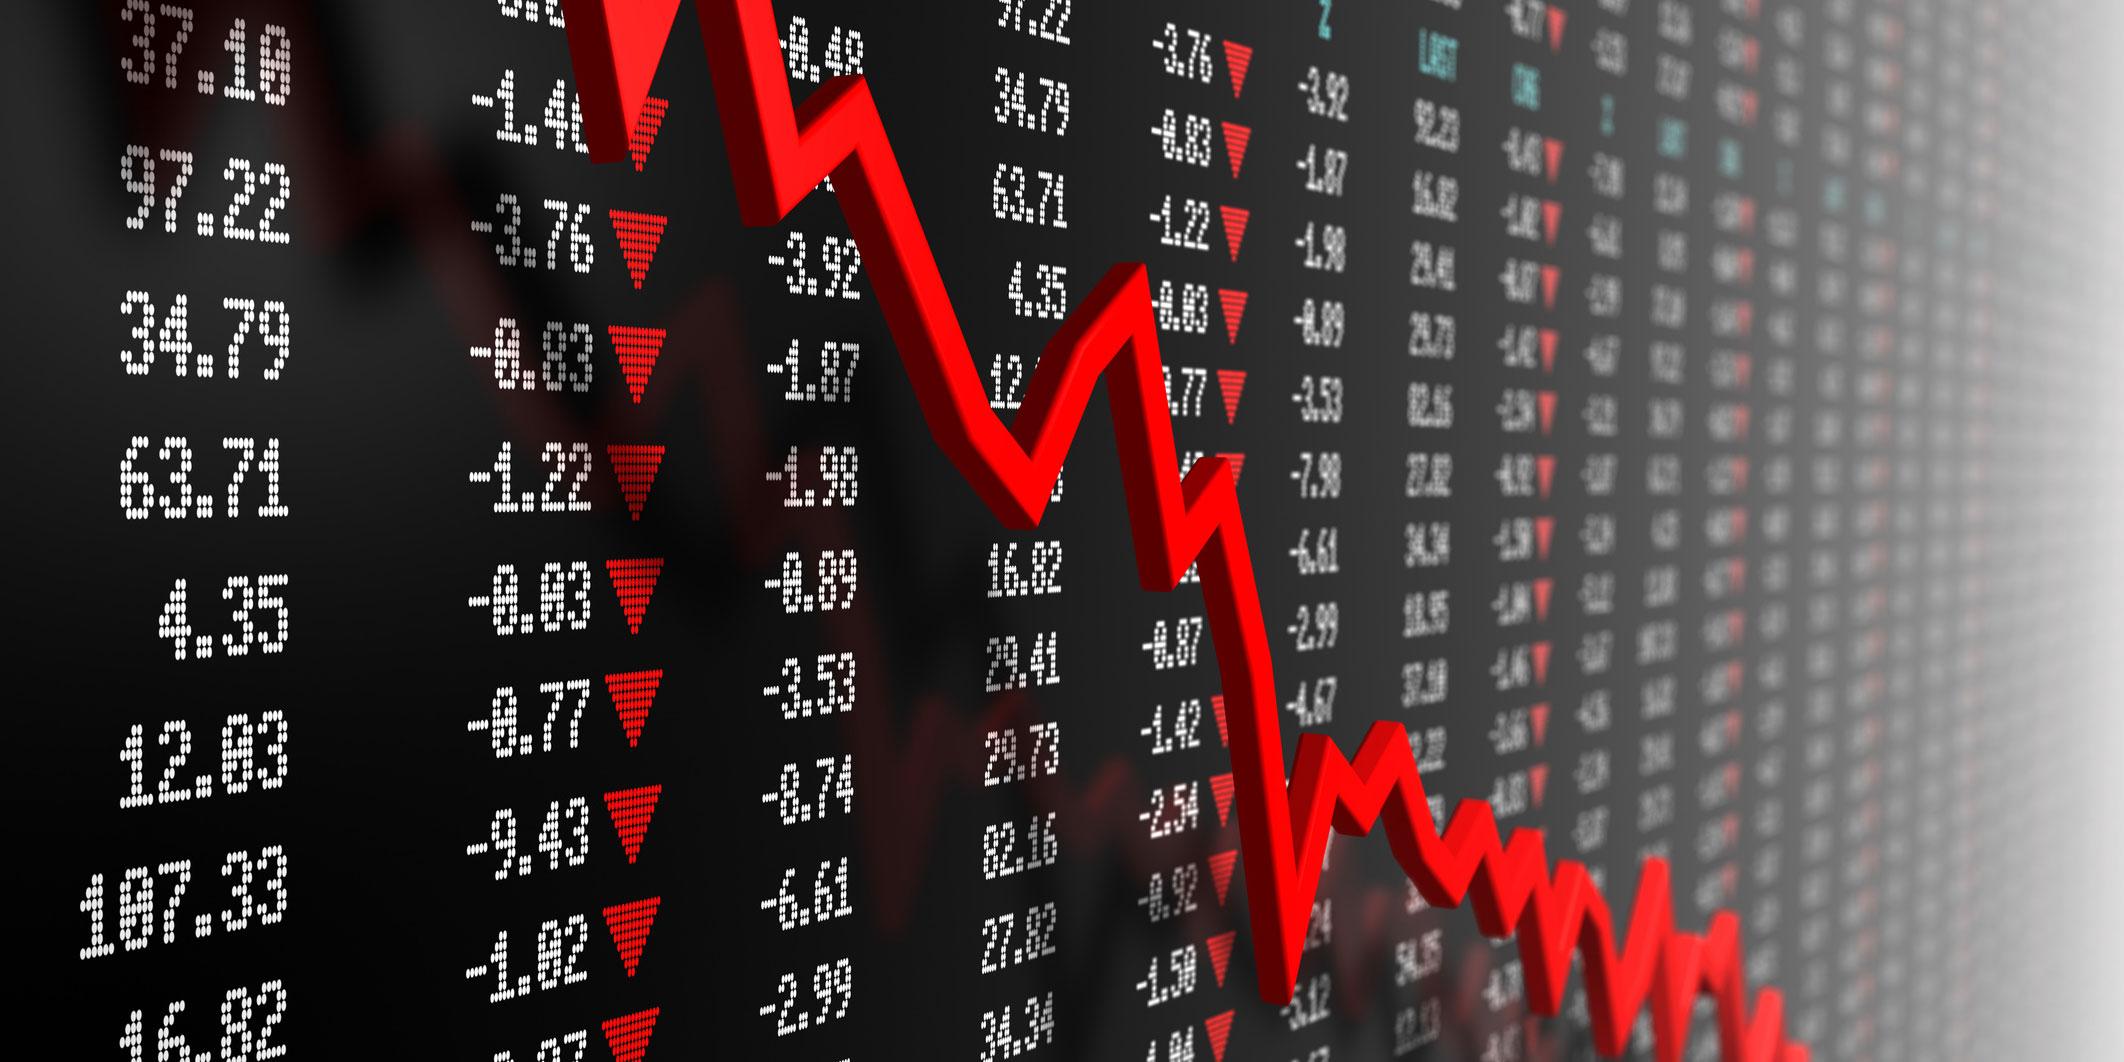 IDC предупреждает, что рынок ПК не сможет прогнозировать рост в первом квартале 1